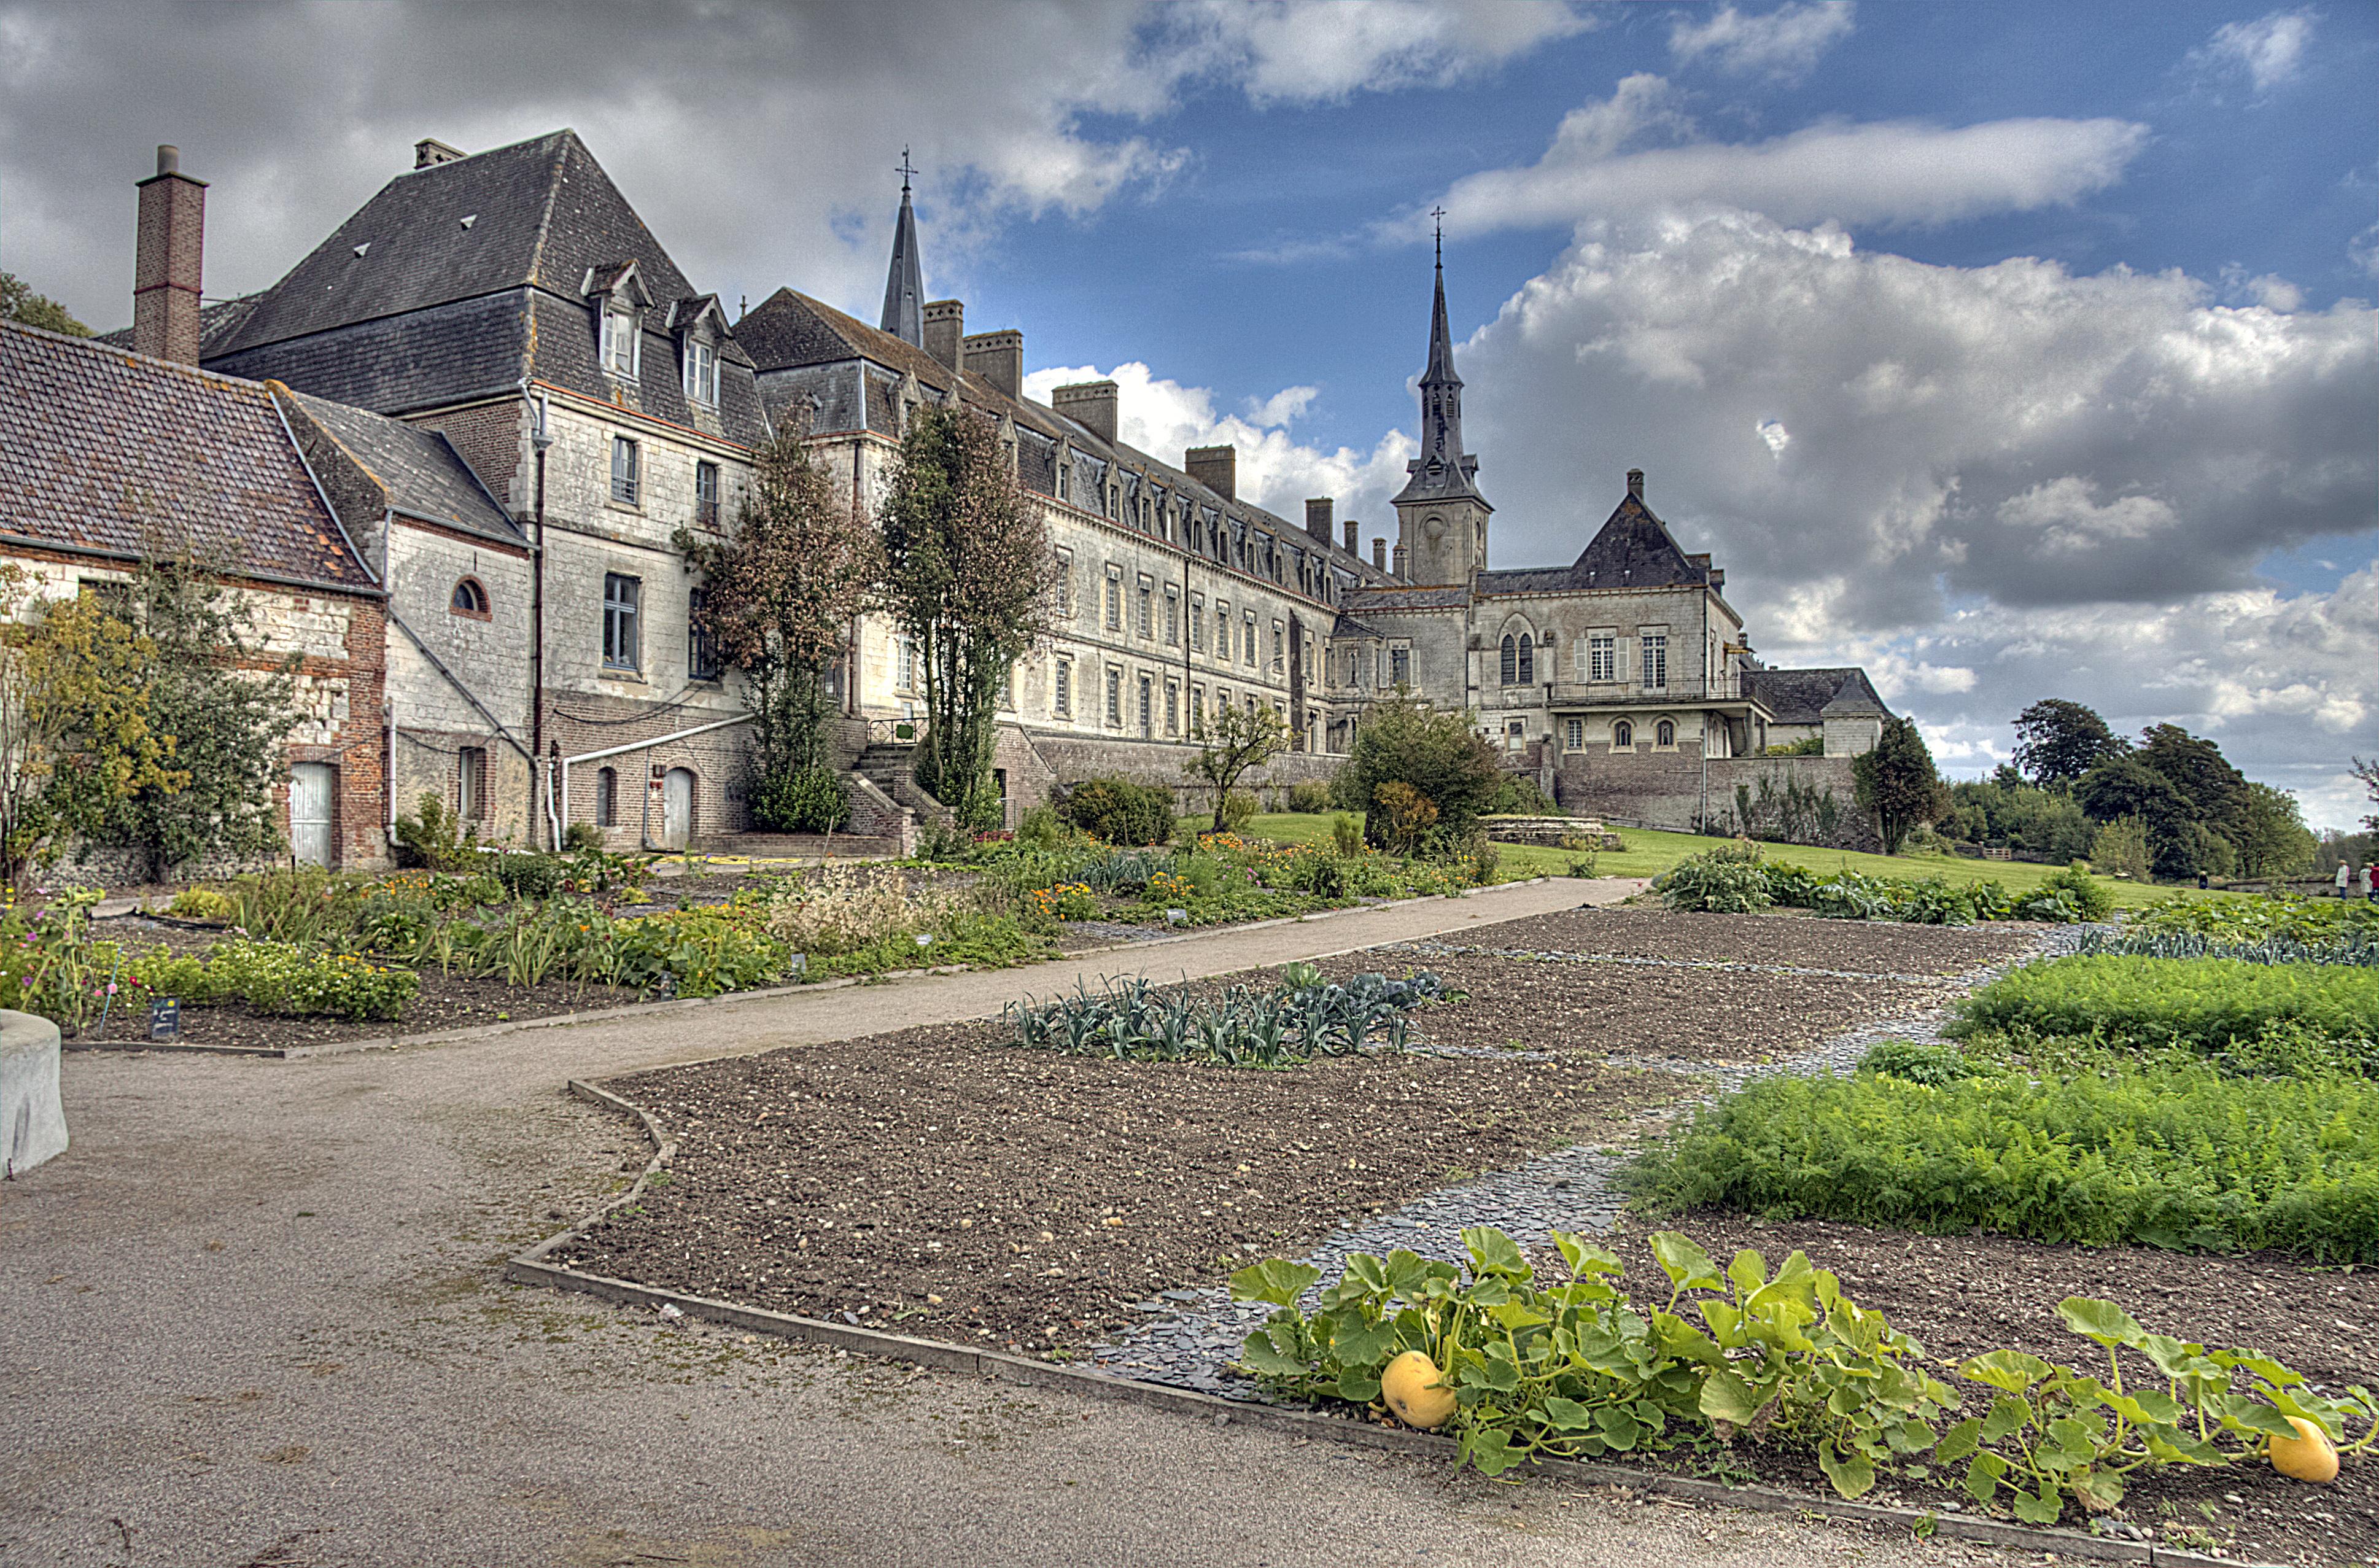 Chartreuse de Neuville (Neuville-sous-Montreuil) © Pir6mon